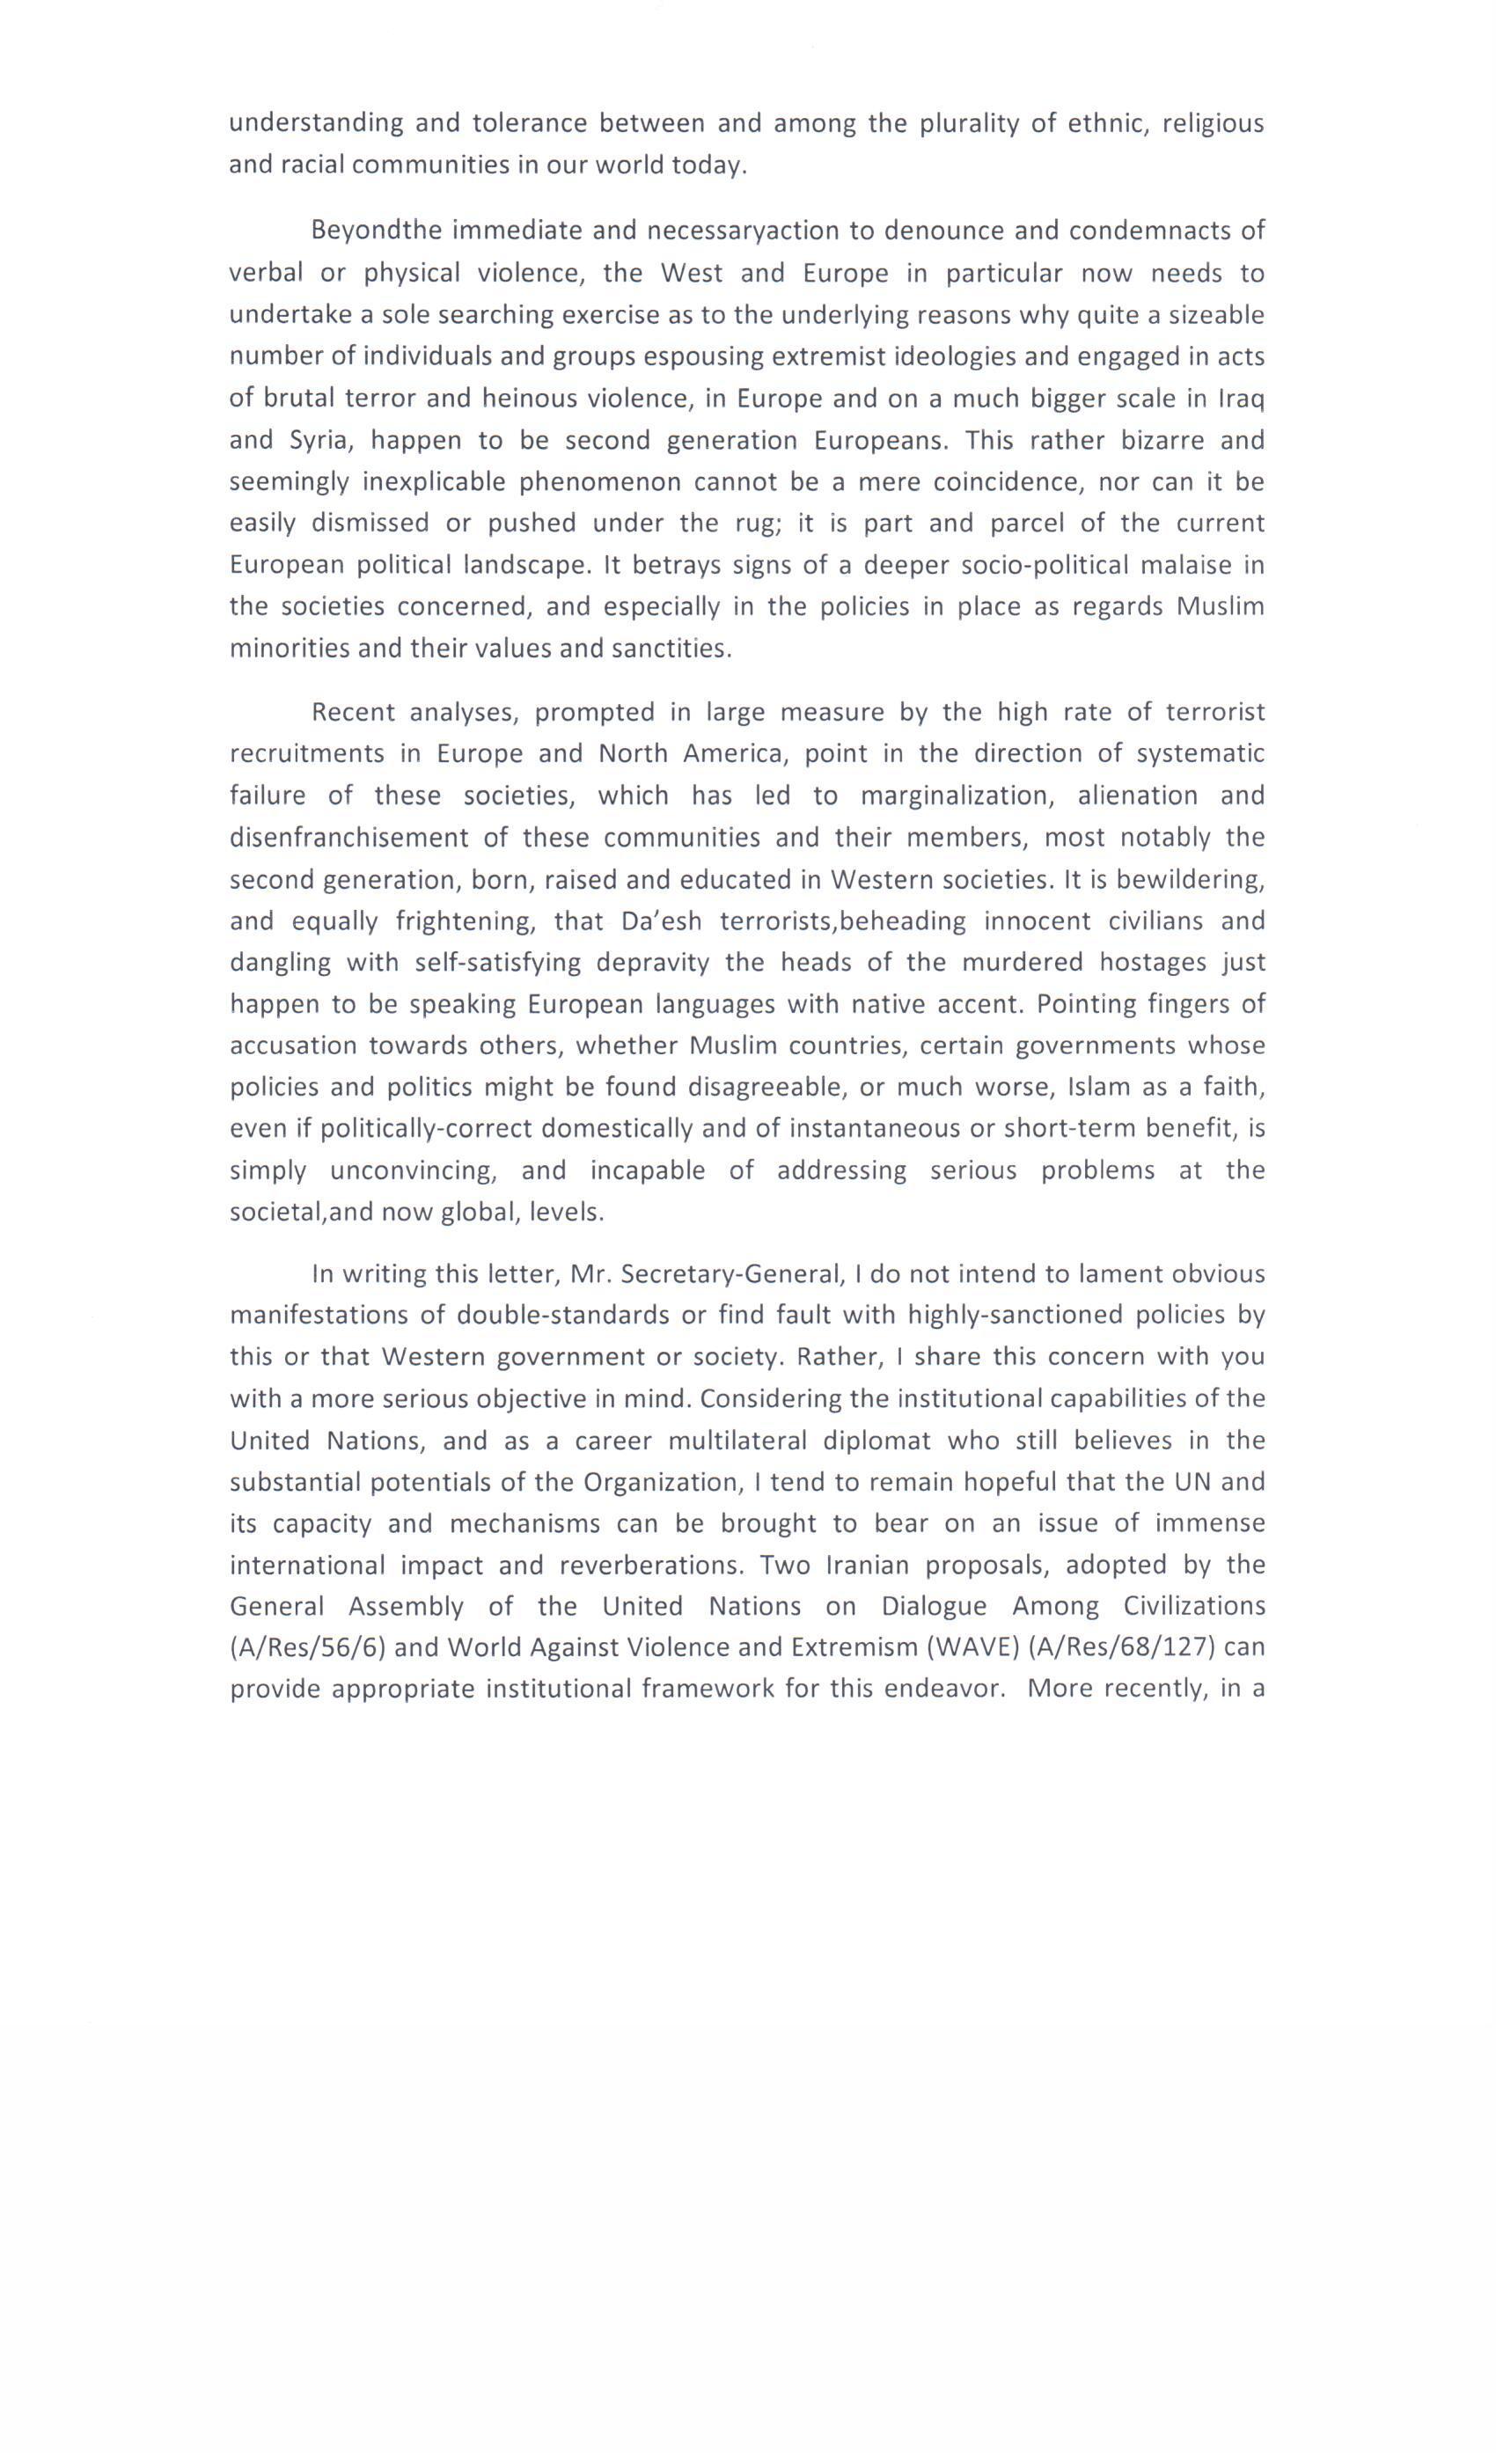 اعلام نگرانی از نمادهای اسلام هراسی/ ارائه نامه مقام معظم رهبری به جوانان در غرب به دبیر کل سازمان ملل متحد